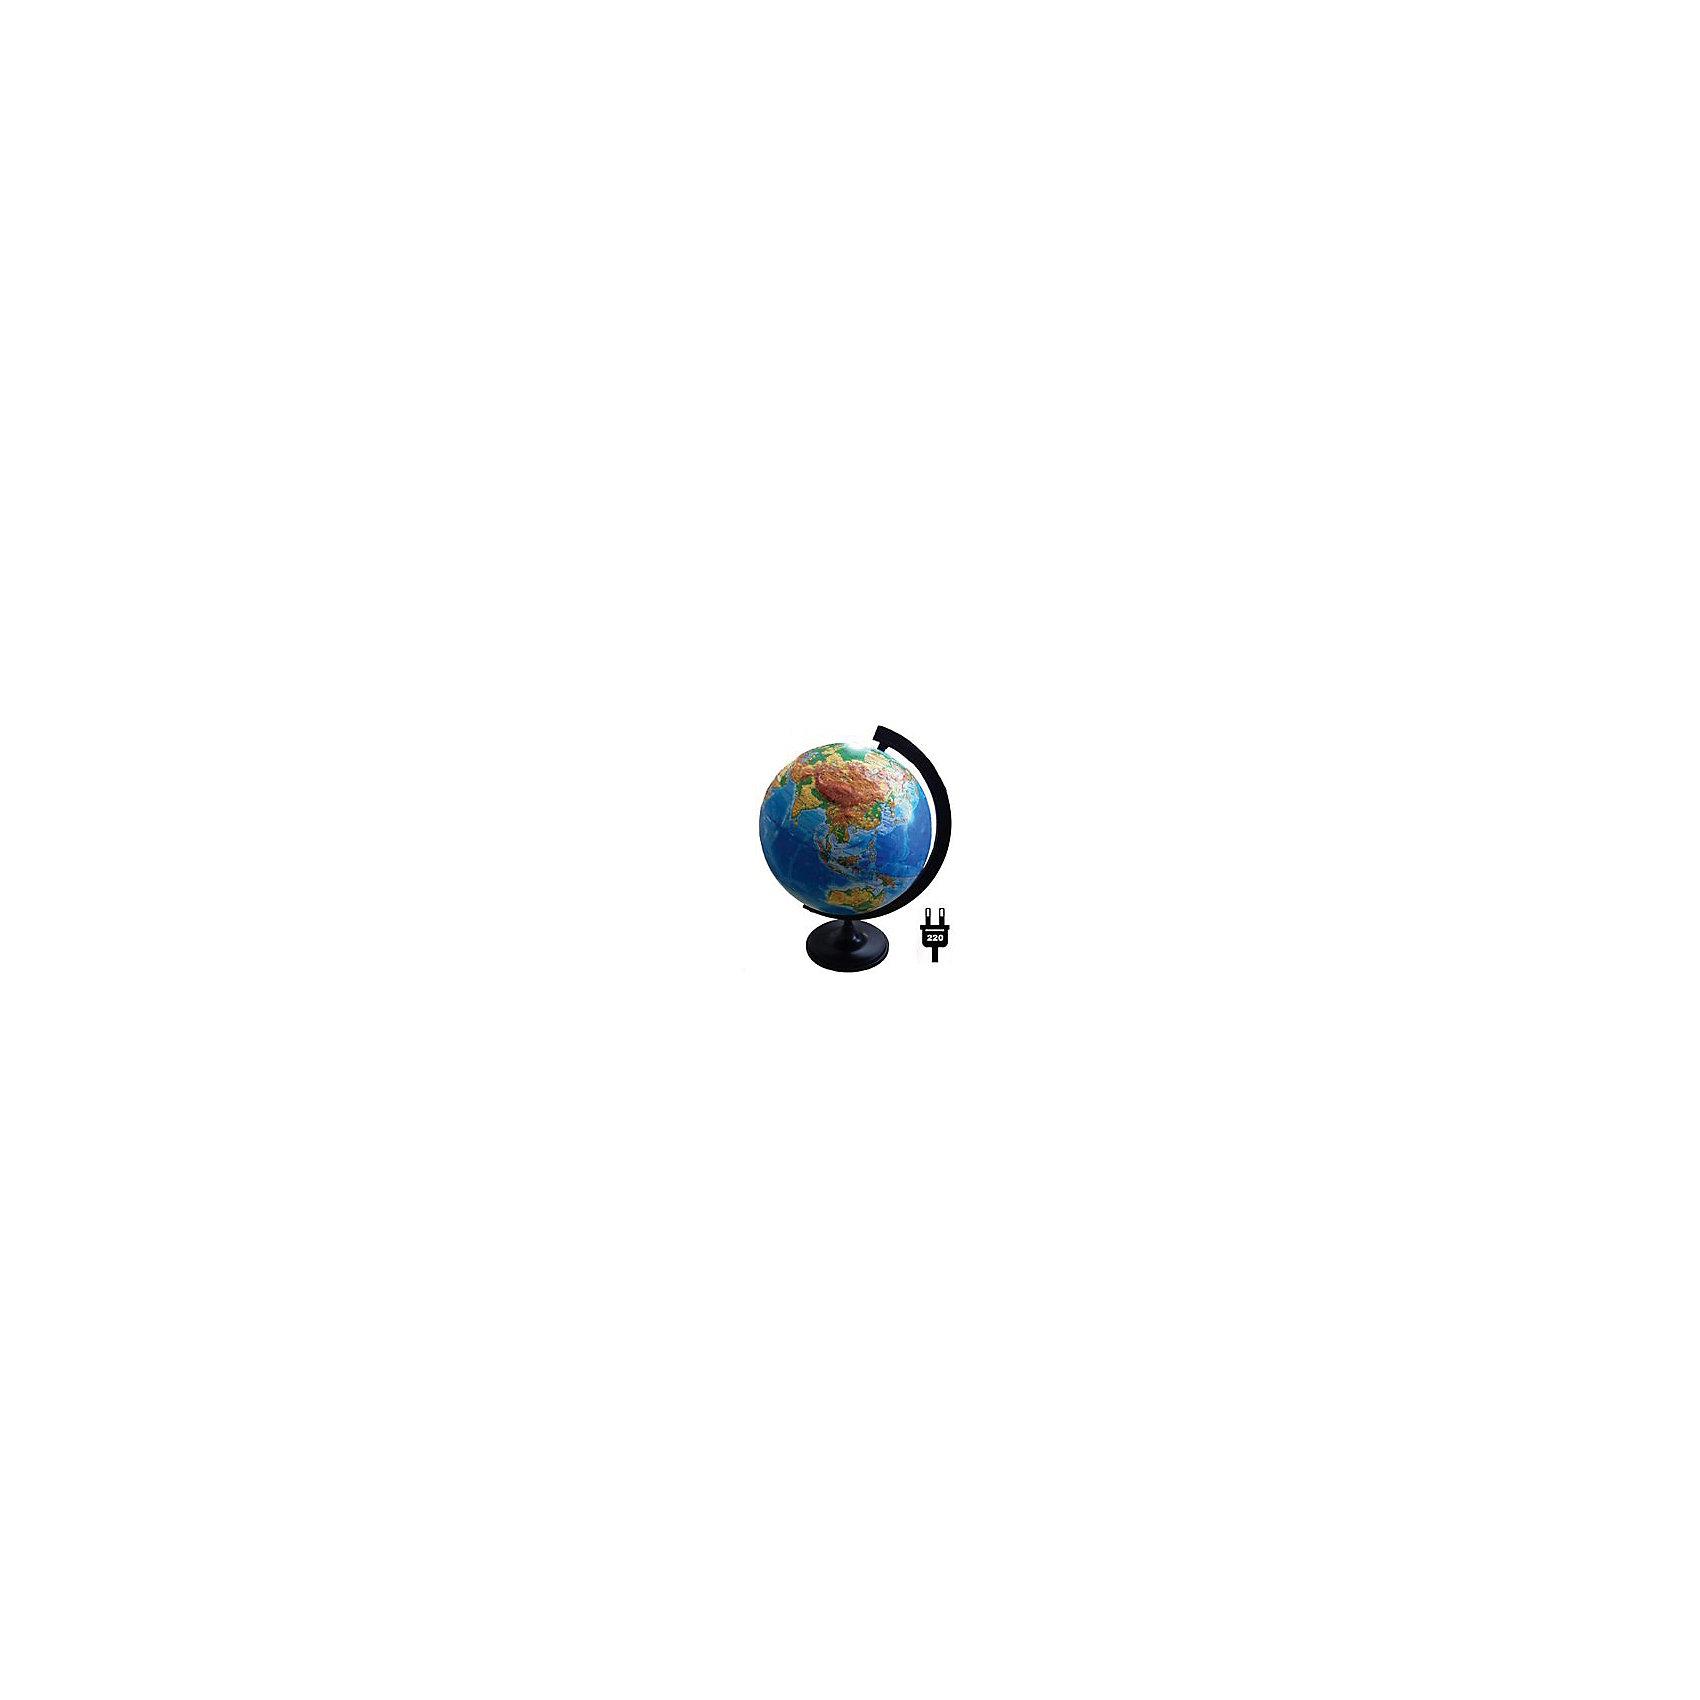 Глобус Земли физический рельефный с подсветкой, диаметр 320 ммГлобусы<br>Диаметр: 320 мм<br><br>Масштаб: 1:40000000<br><br>Материал подставки: пластик<br><br>Цвет подставки: черный<br><br>Ширина мм: 321<br>Глубина мм: 321<br>Высота мм: 345<br>Вес г: 950<br>Возраст от месяцев: 72<br>Возраст до месяцев: 2147483647<br>Пол: Унисекс<br>Возраст: Детский<br>SKU: 5518202